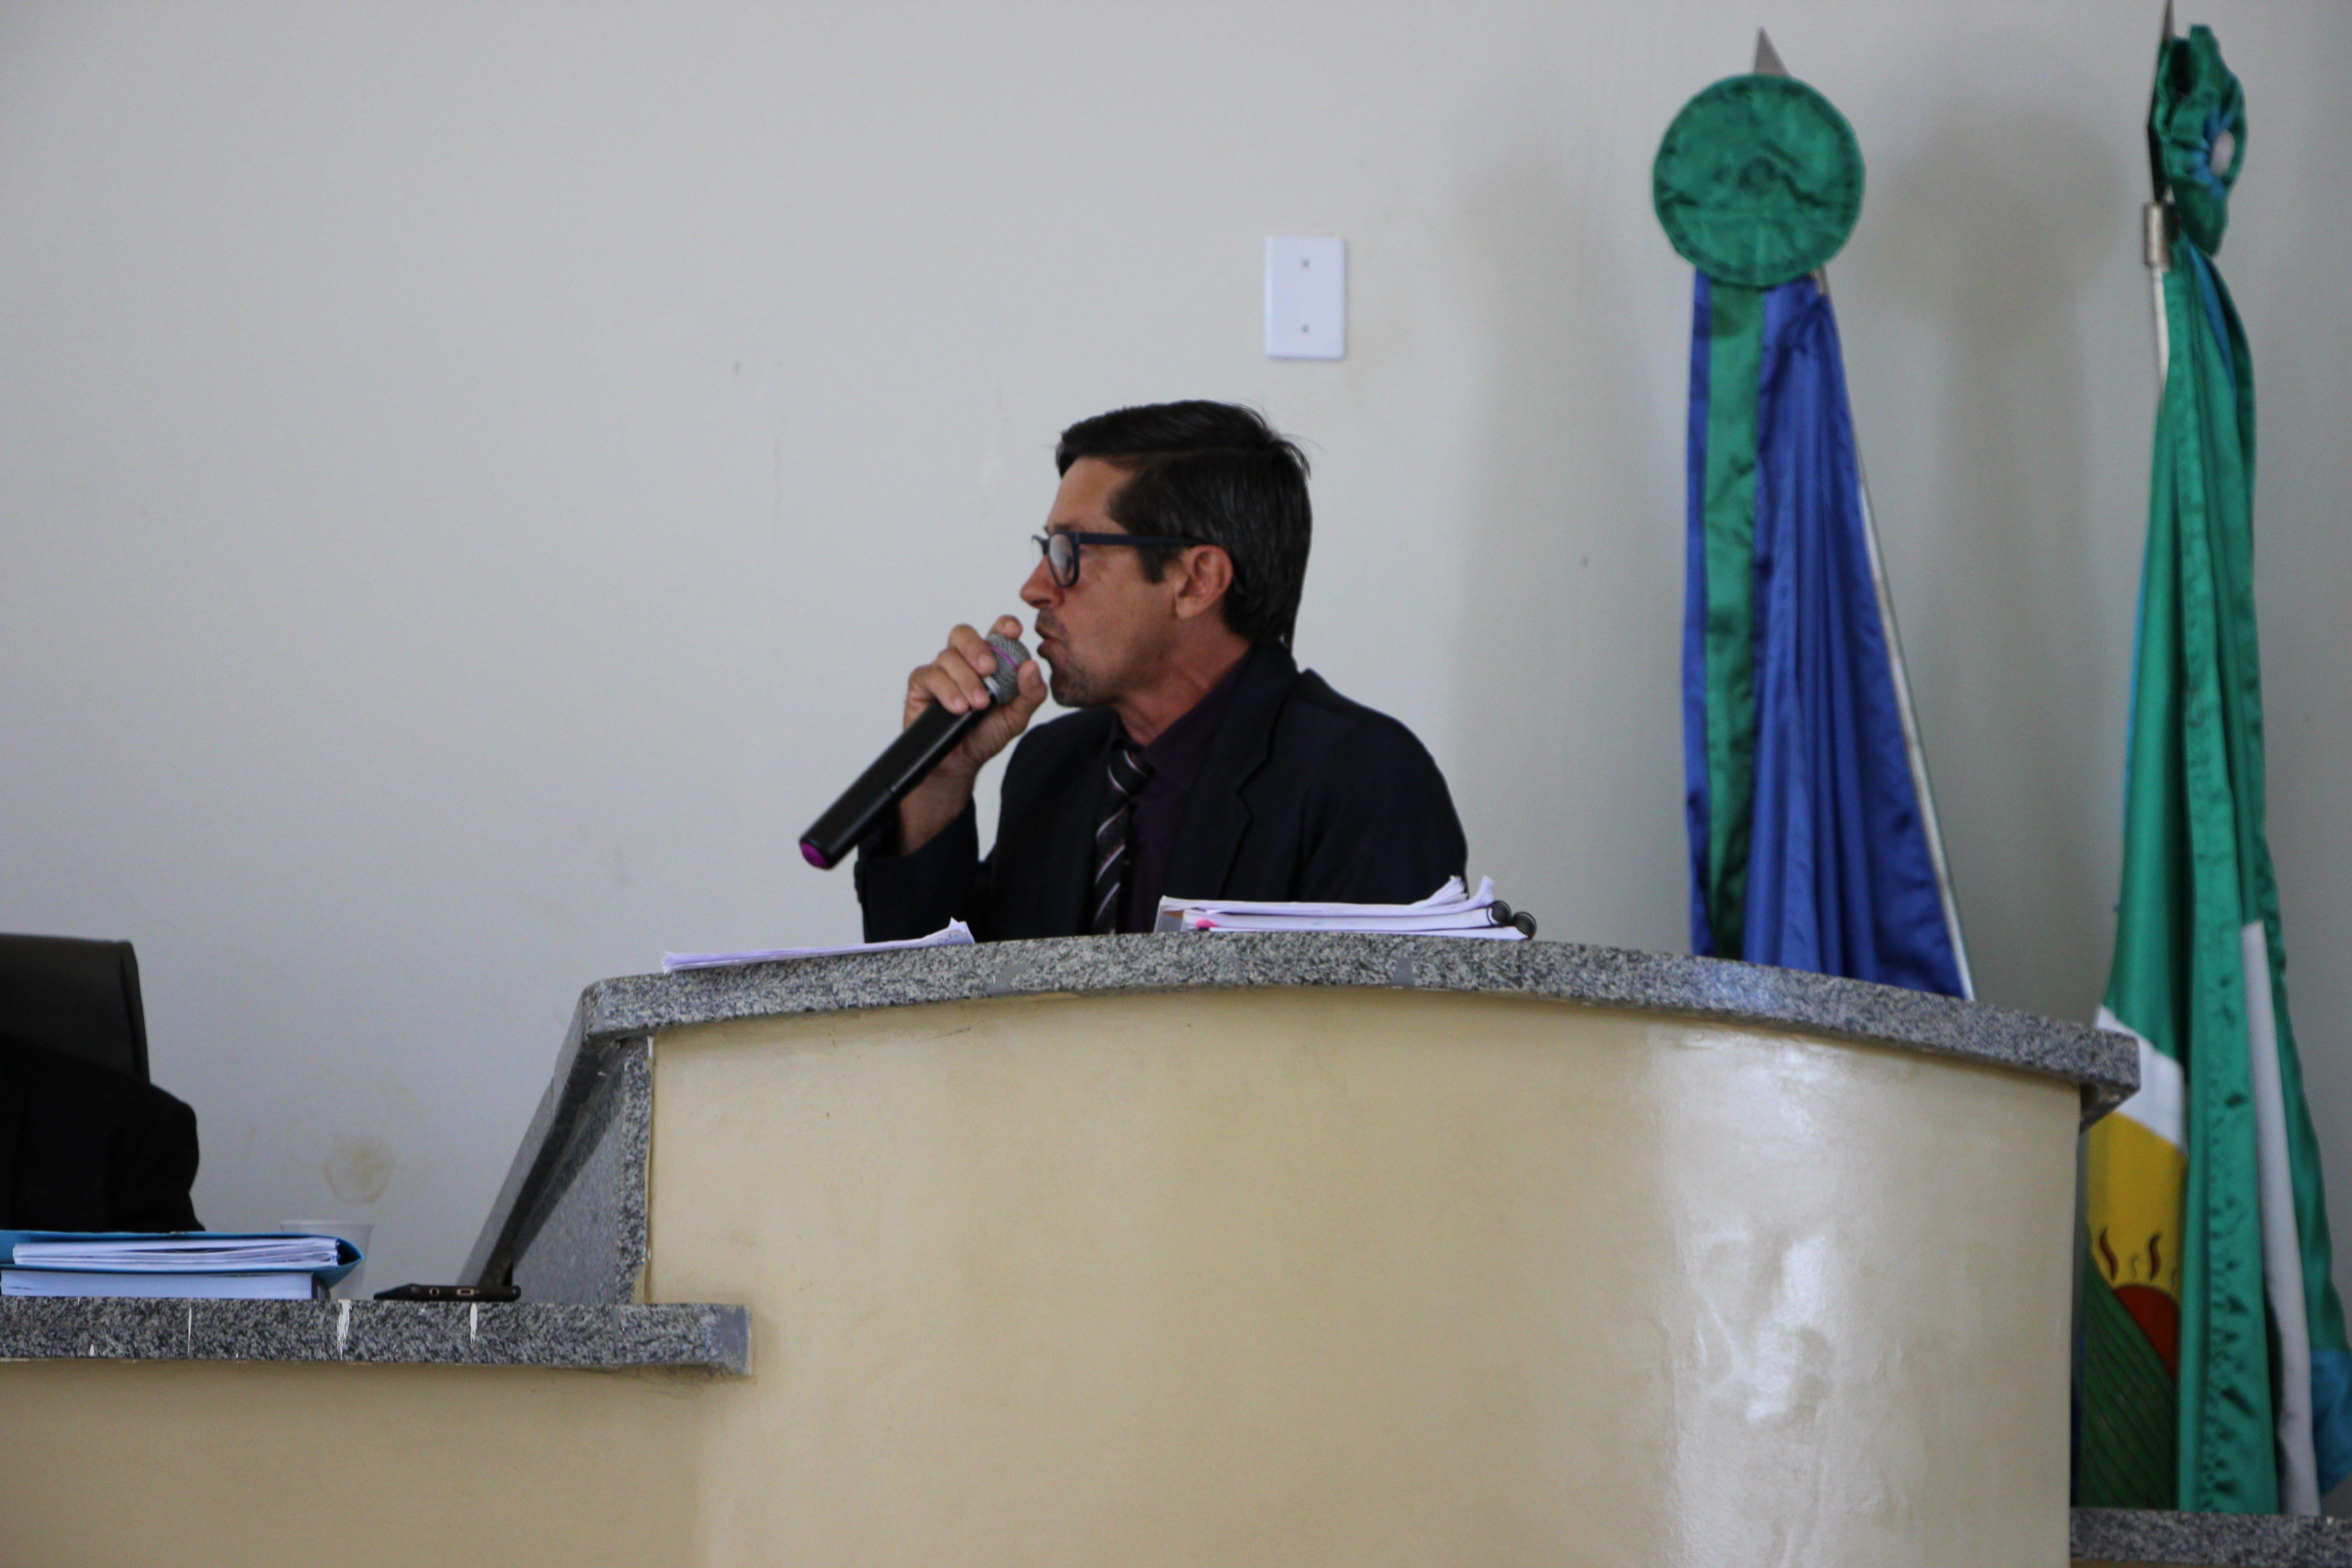 Vereador acusado de ter cometido ato de improbidade administrativa em seu mandato é absolvido pela Câmara de Colniza